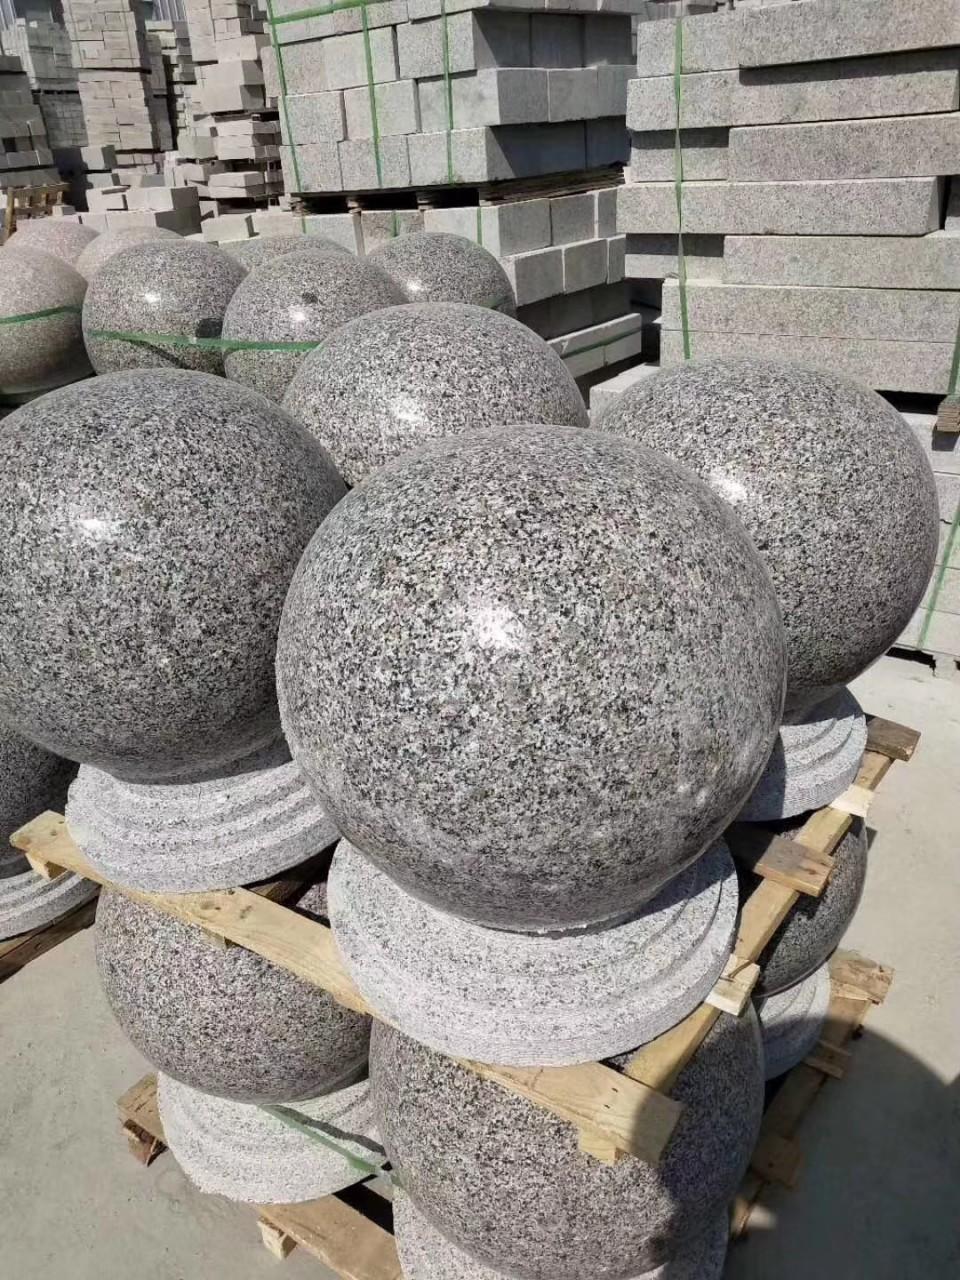 挡车球石雕石材如何保护使其不受损害影响雕刻